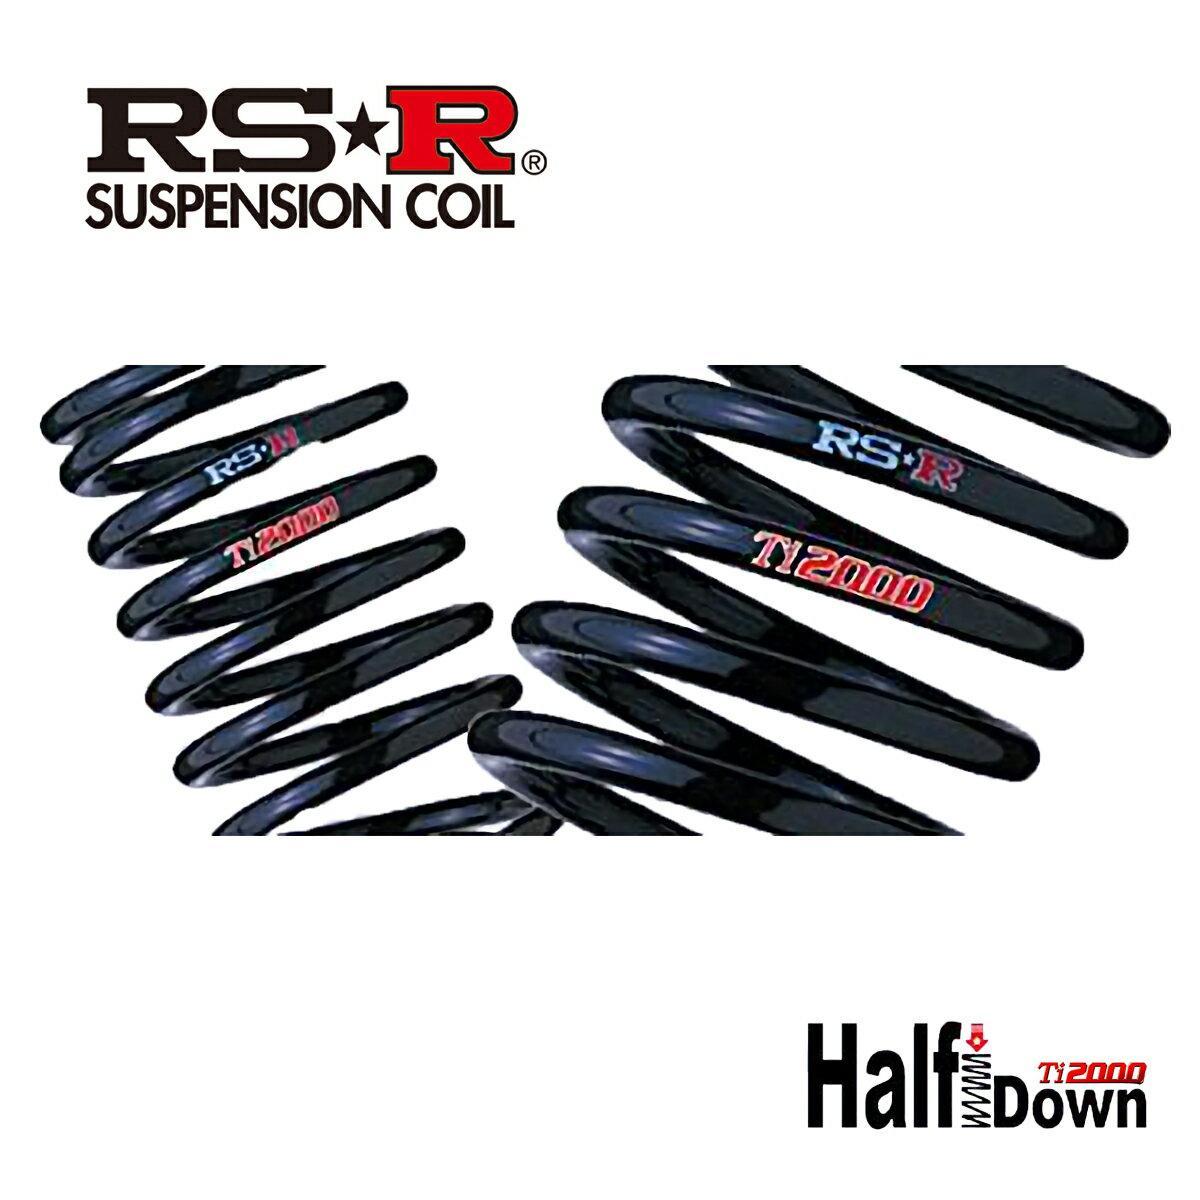 RS-R ハスラー X/Xターボ MR31S ダウンサス スプリング リアのみ S405THDR Ti2000 ハーフダウン RSR 個人宅発送追金有